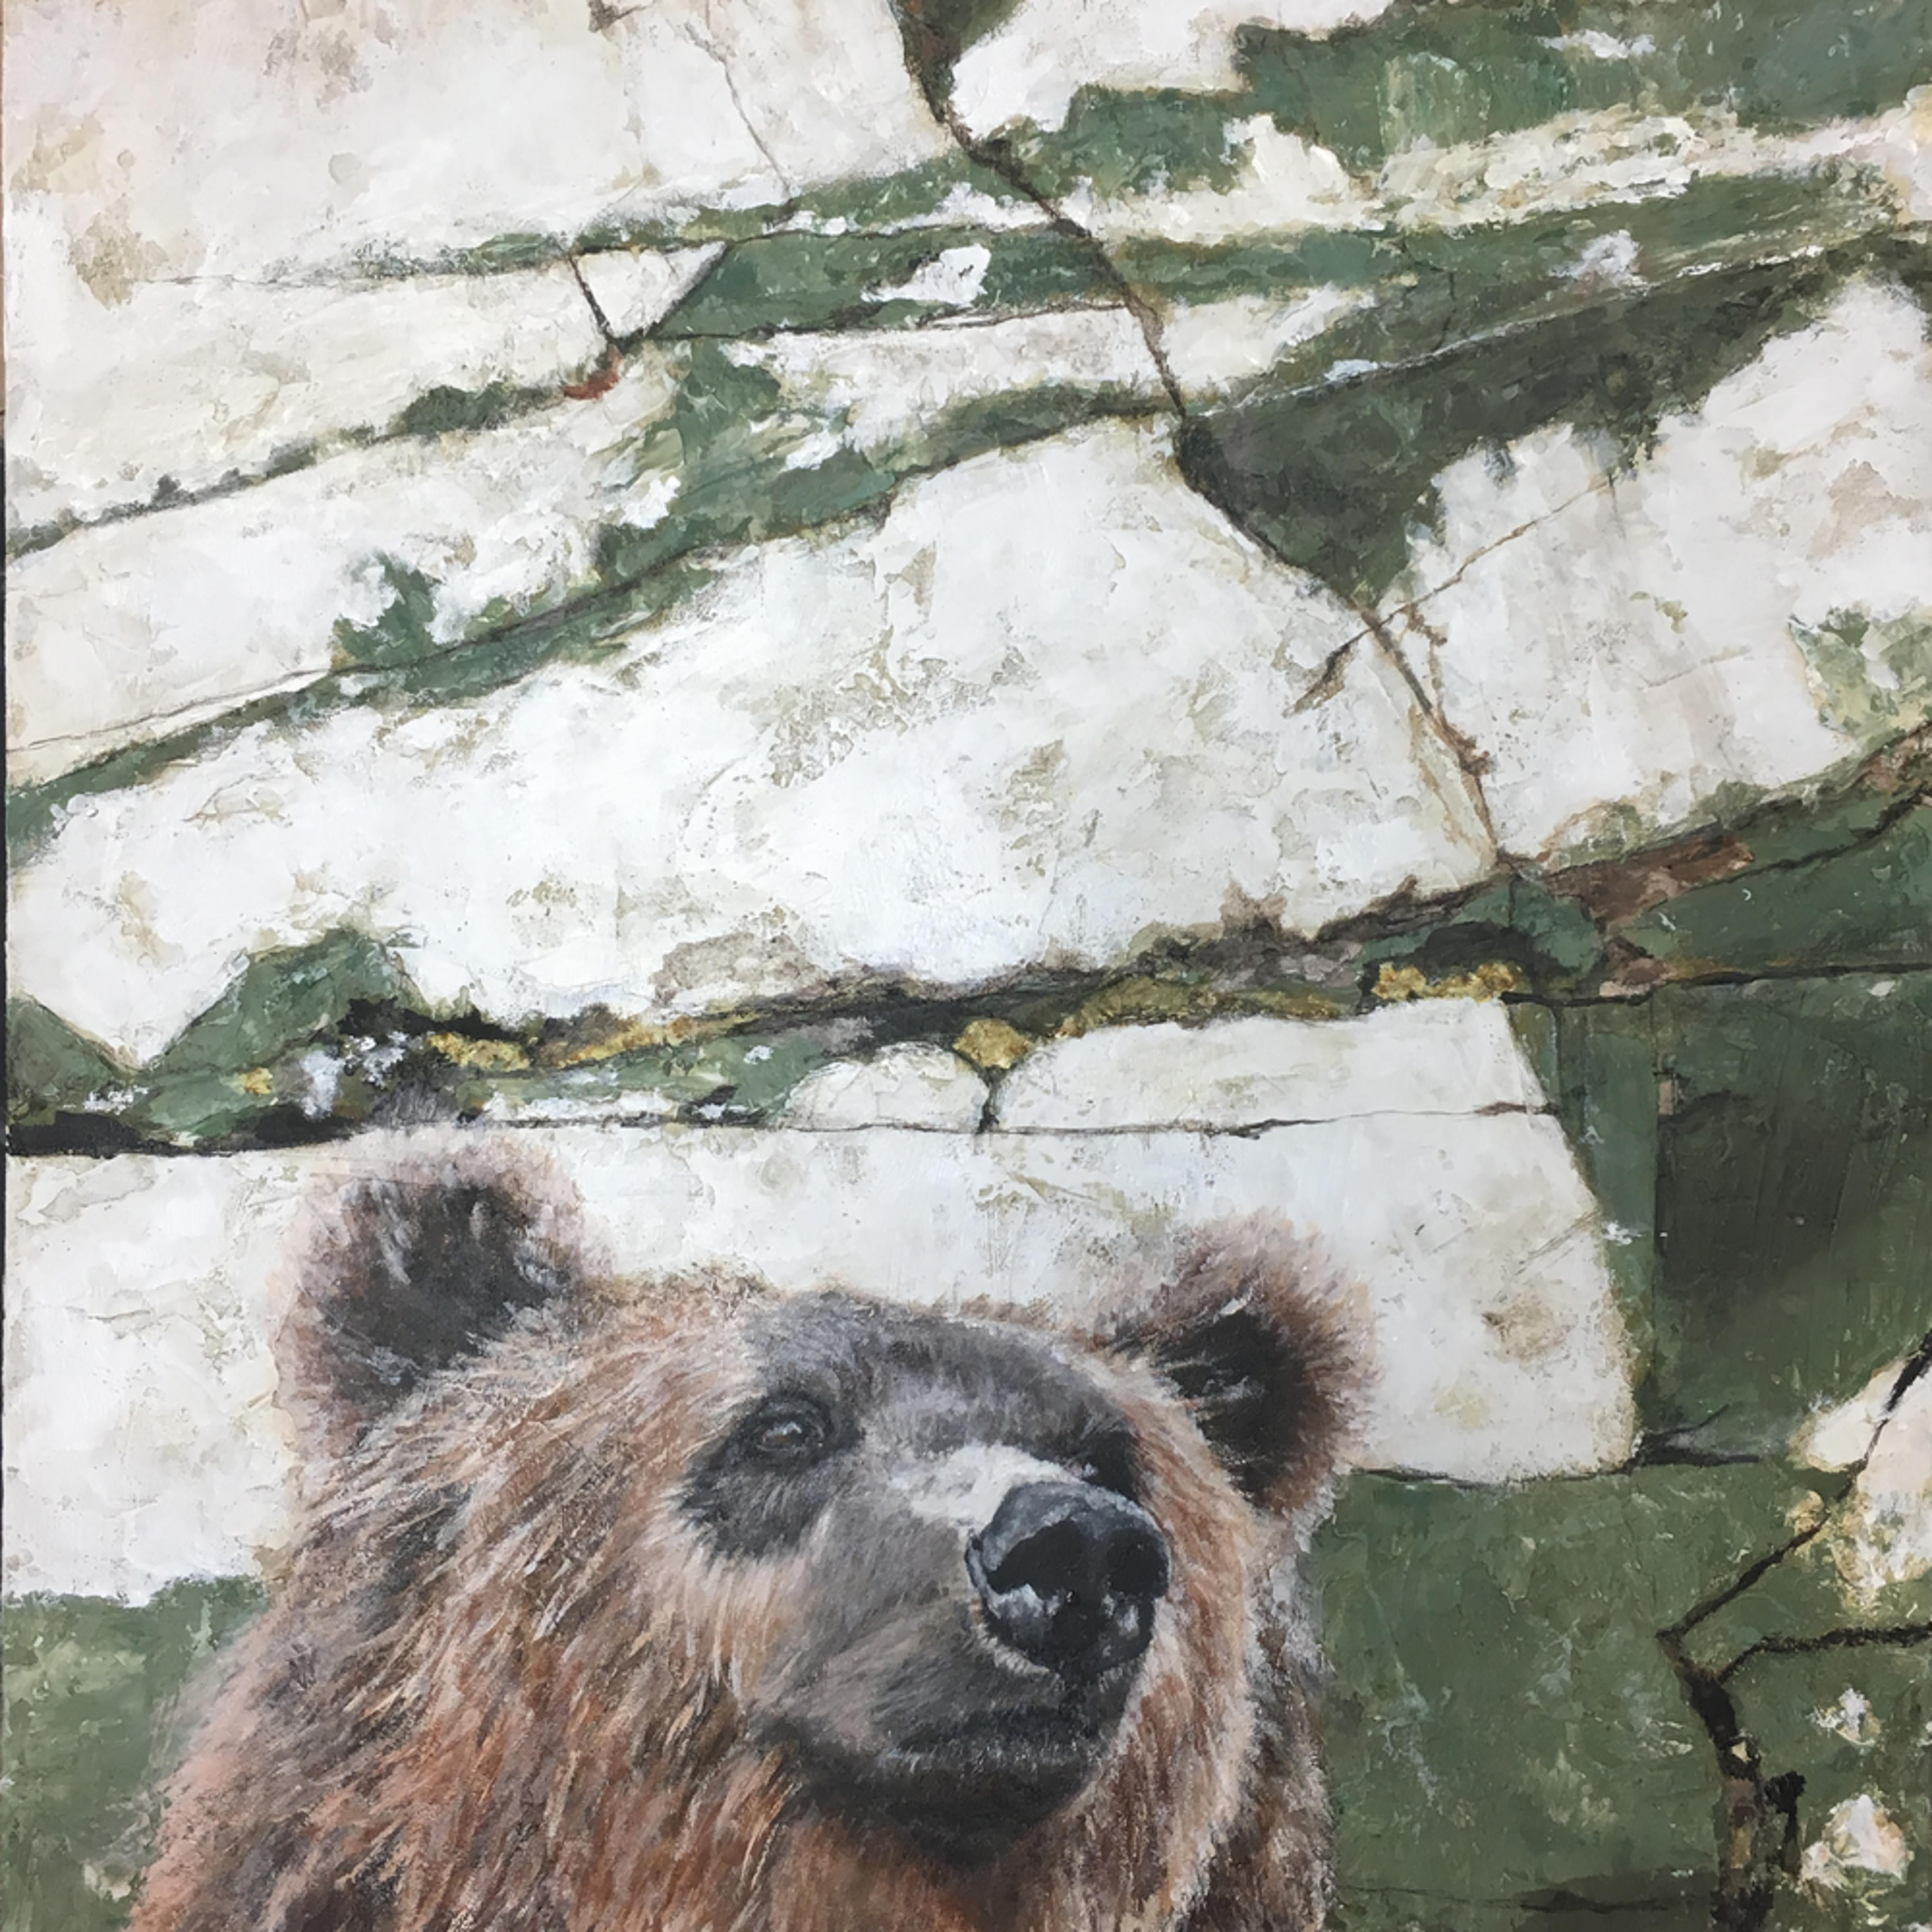 Glacier grizzly di8qwa